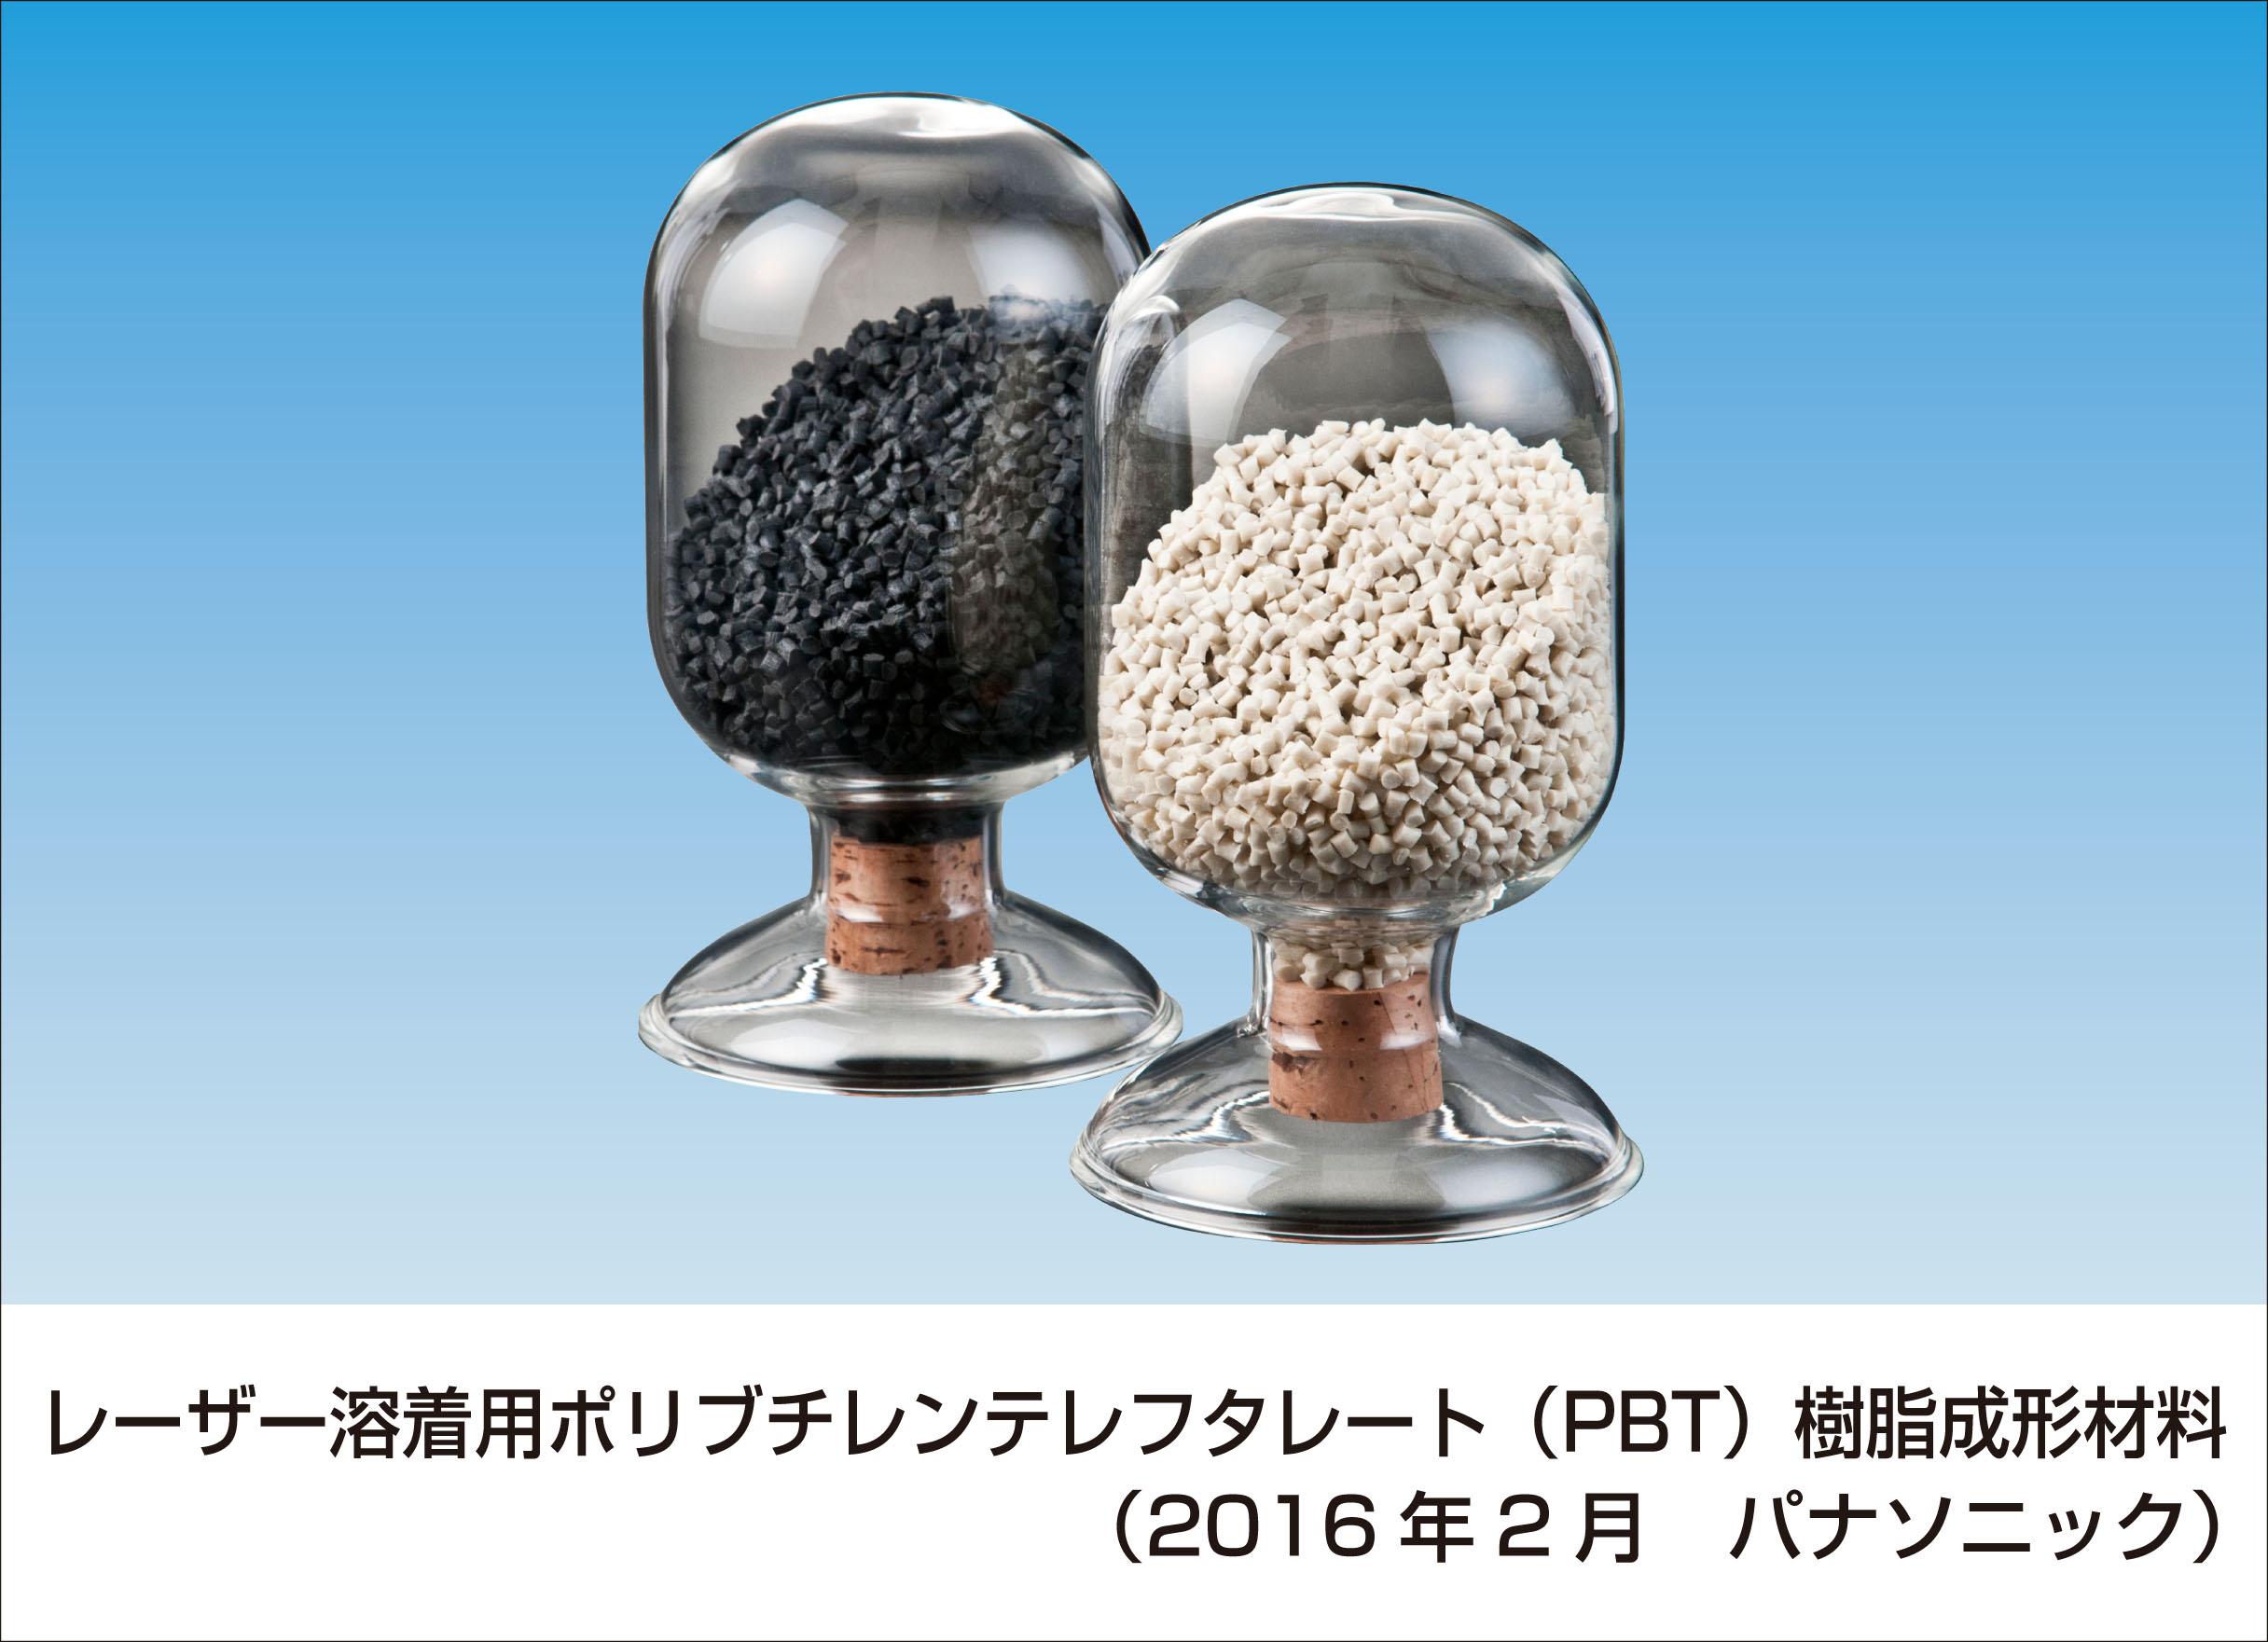 レーザー溶着用ポリブチレンテレフタレート(PBT)樹脂成形材料